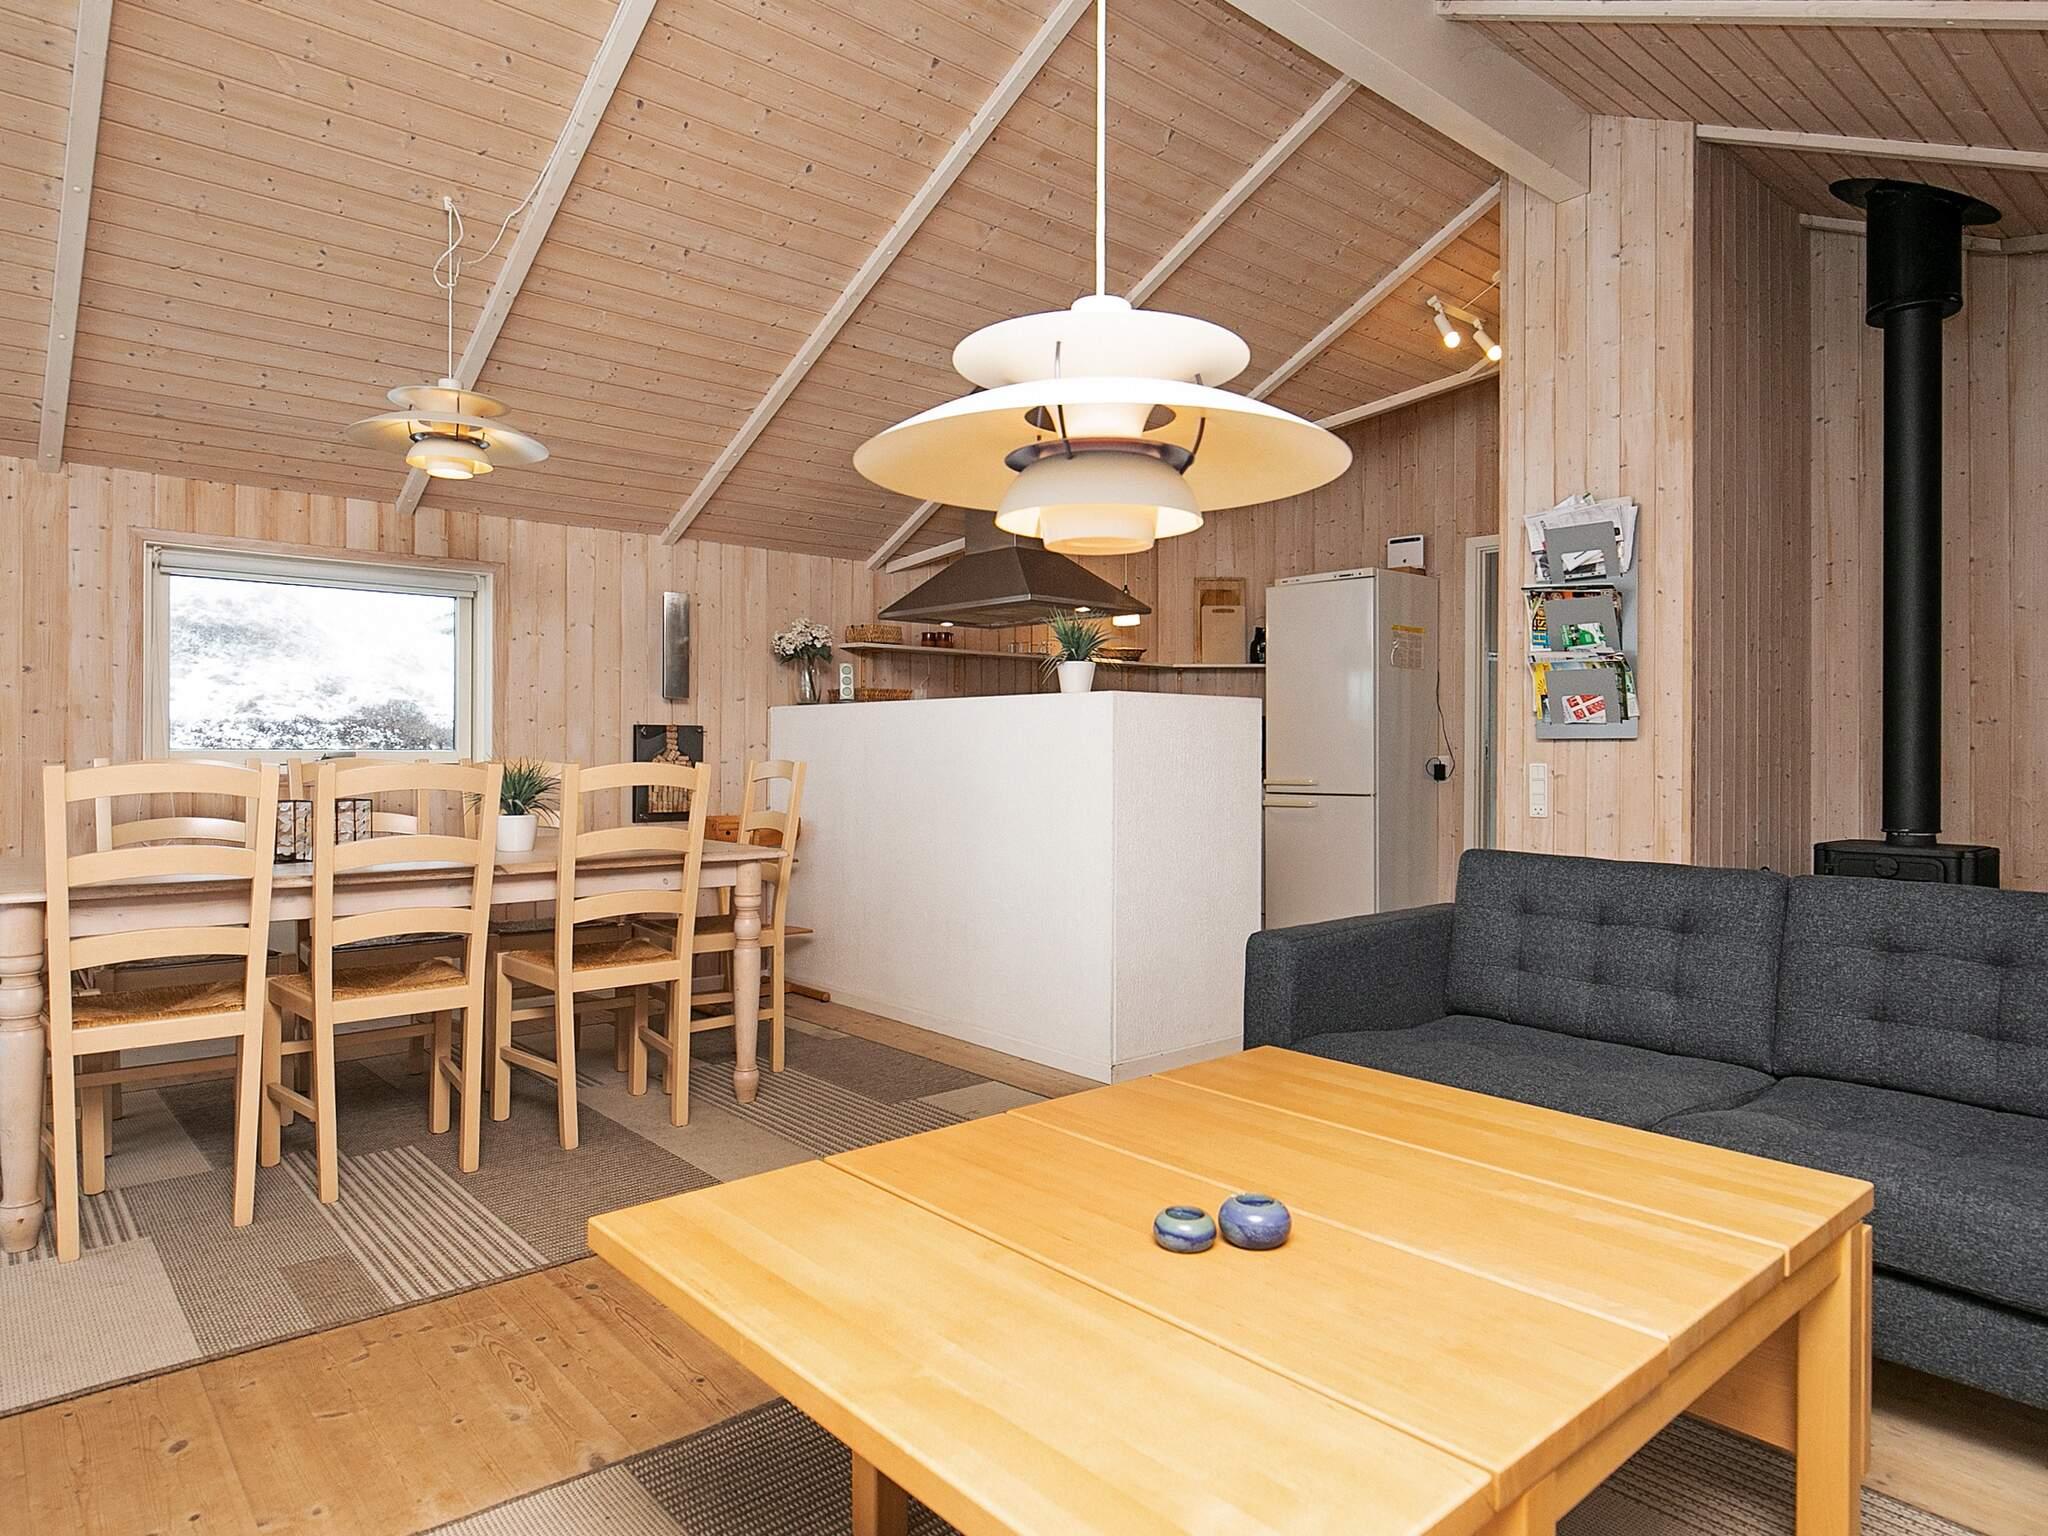 Ferienhaus Løkken (84530), Løkken, , Nordwestjütland, Dänemark, Bild 5